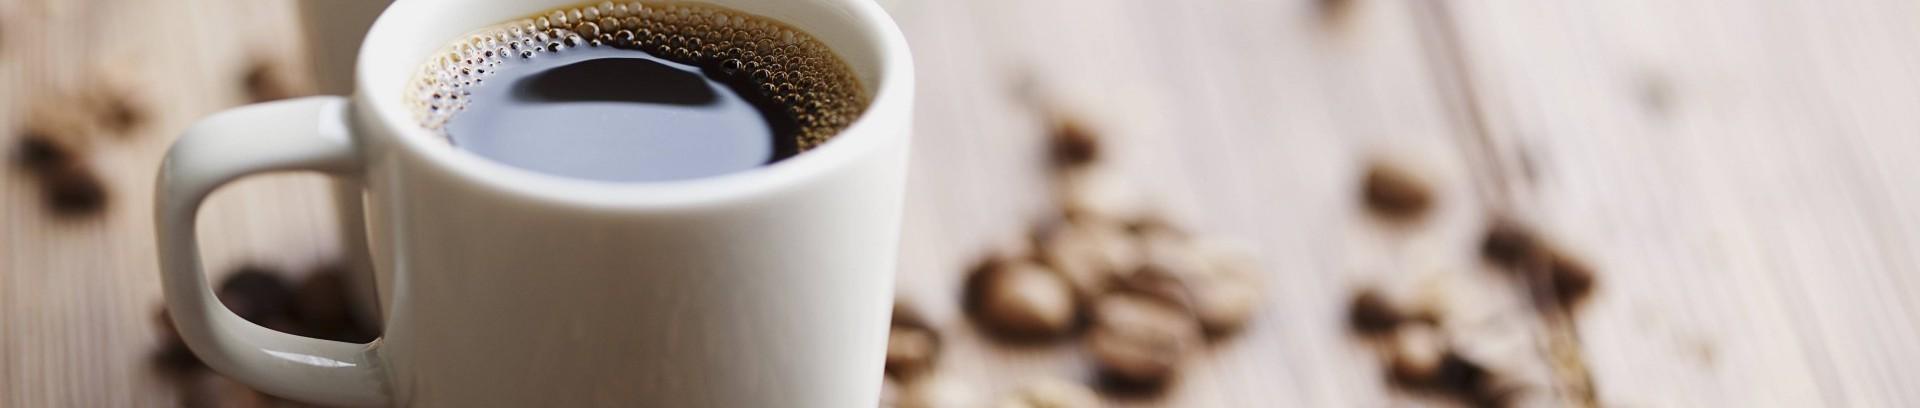 кофе e1440805970674 - Виды кофе - разнообразие напитков...